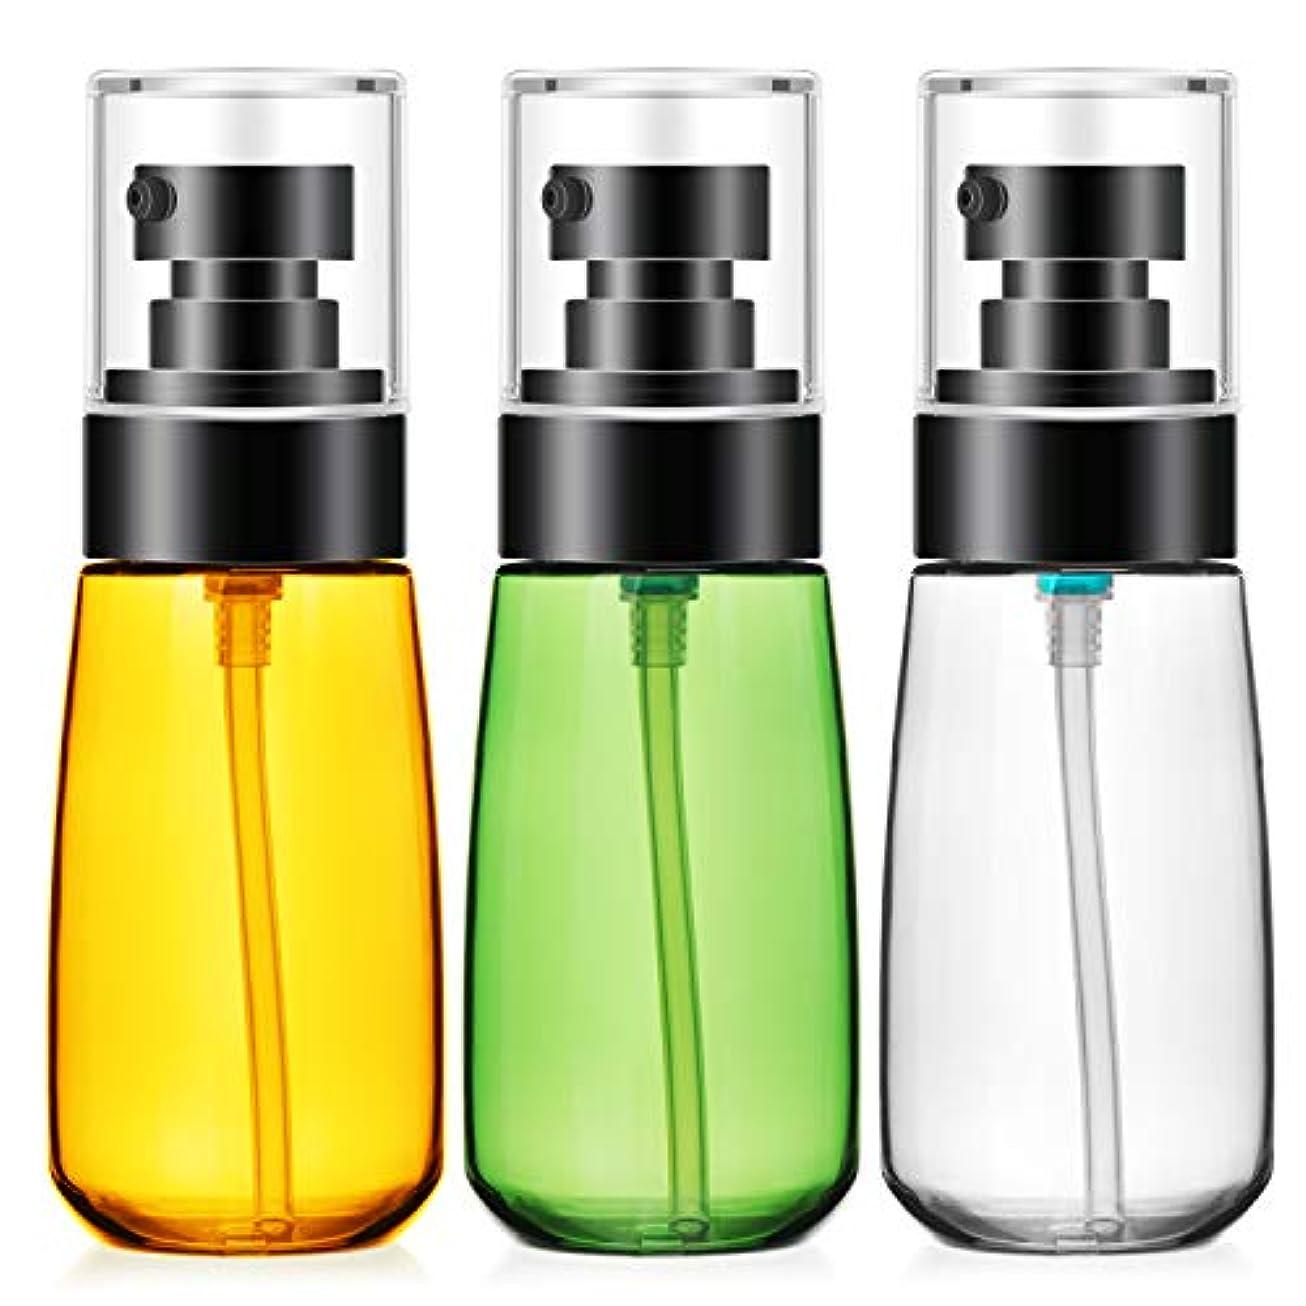 破滅的な発生器偽善者Segbeauty 乳液小分けの詰替え容器 ボルト 60ml 三色 3本セット 分けやすい 持ちやすい 旅行用品 便利さ